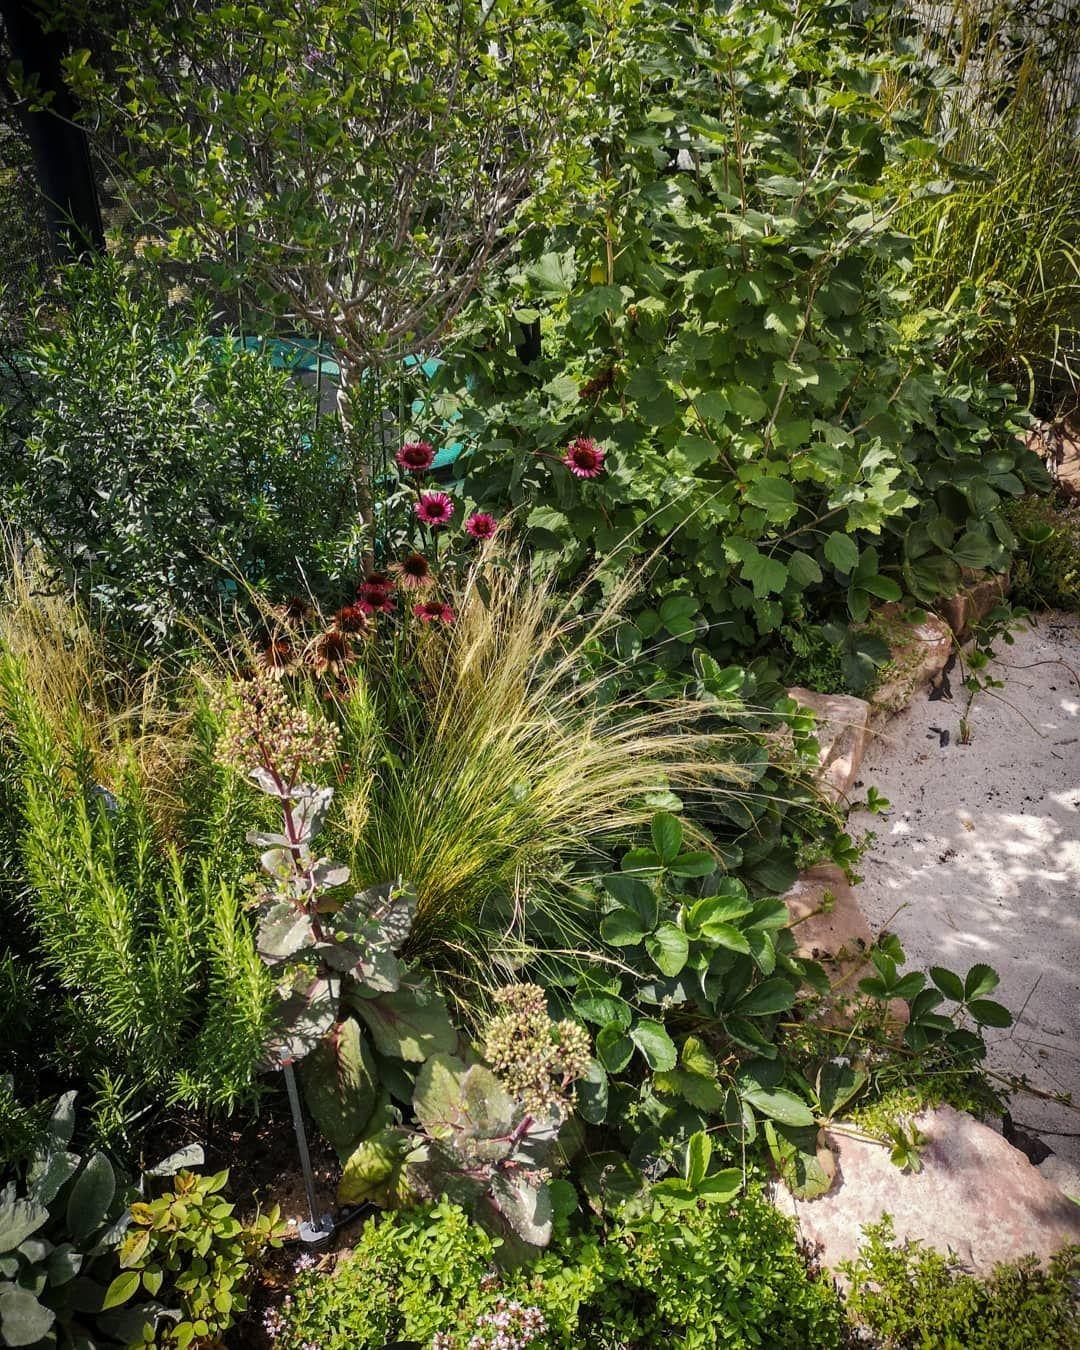 Wenn Man Einen Kleinen Garten Hat Und Total Vernarrt In Pflanzen Ist Muss Man Jedes Fleckchen Erde Nutzen Der Kleine Streifen Z Pflanzen Garten Kleine Garten